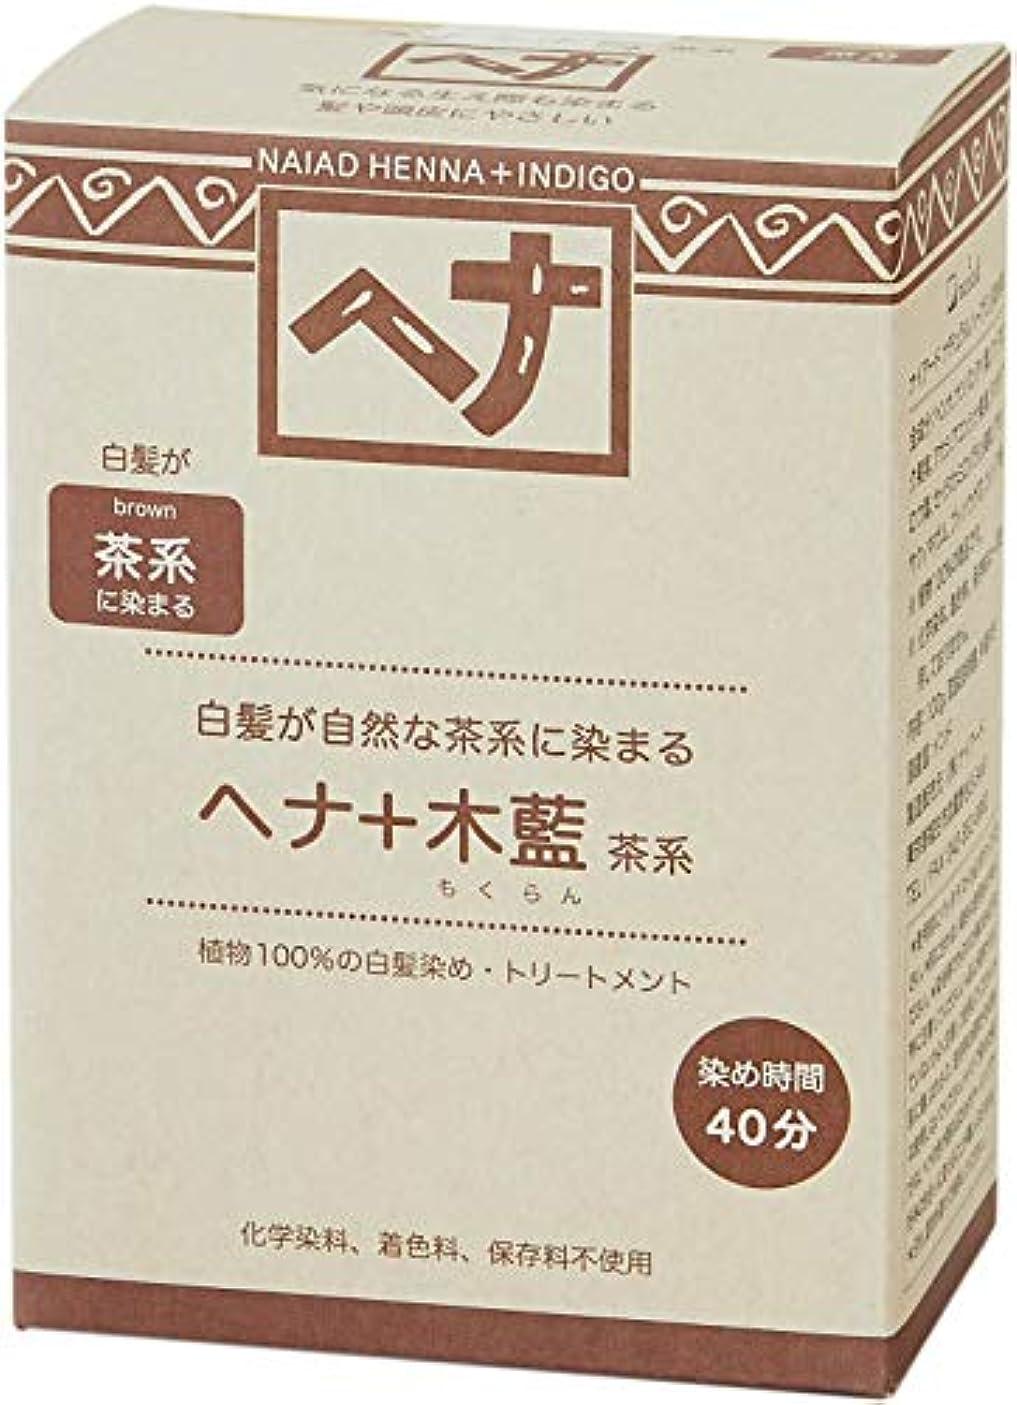 アジア価値のない直径Naiad(ナイアード) ヘナ+木藍 茶系 100g